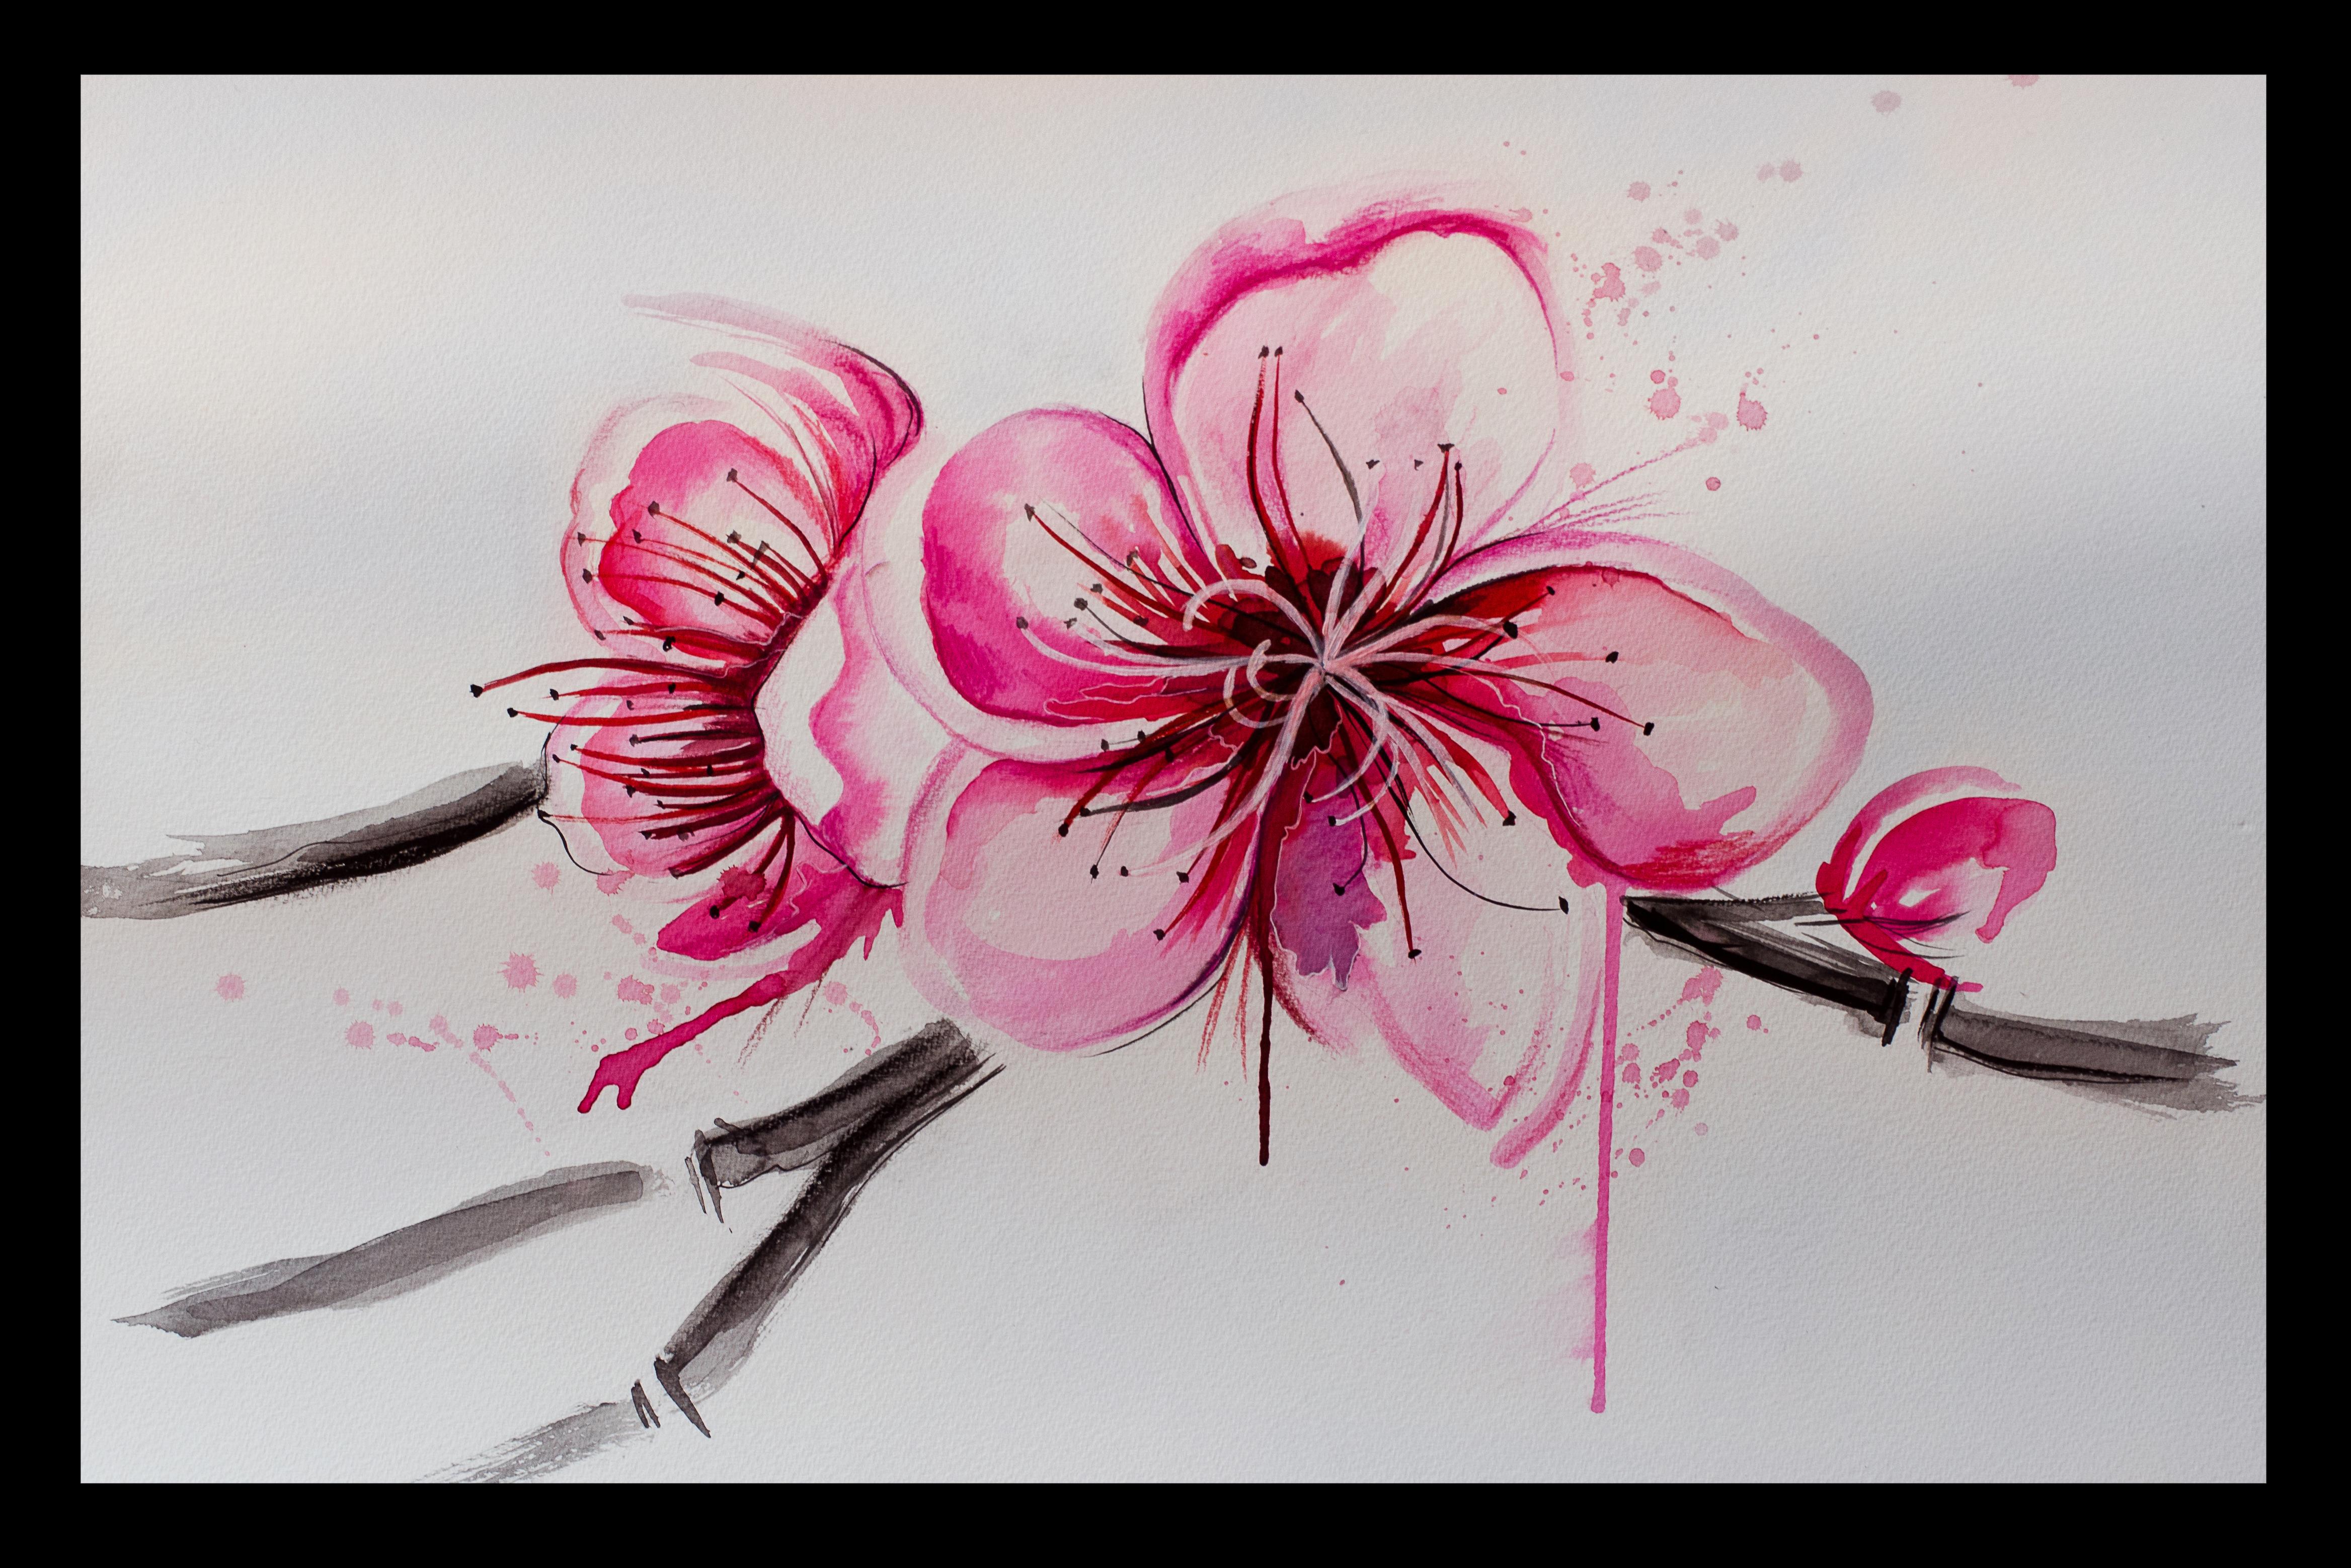 Pin Sakura flower drawing wallpapers on Pinterest